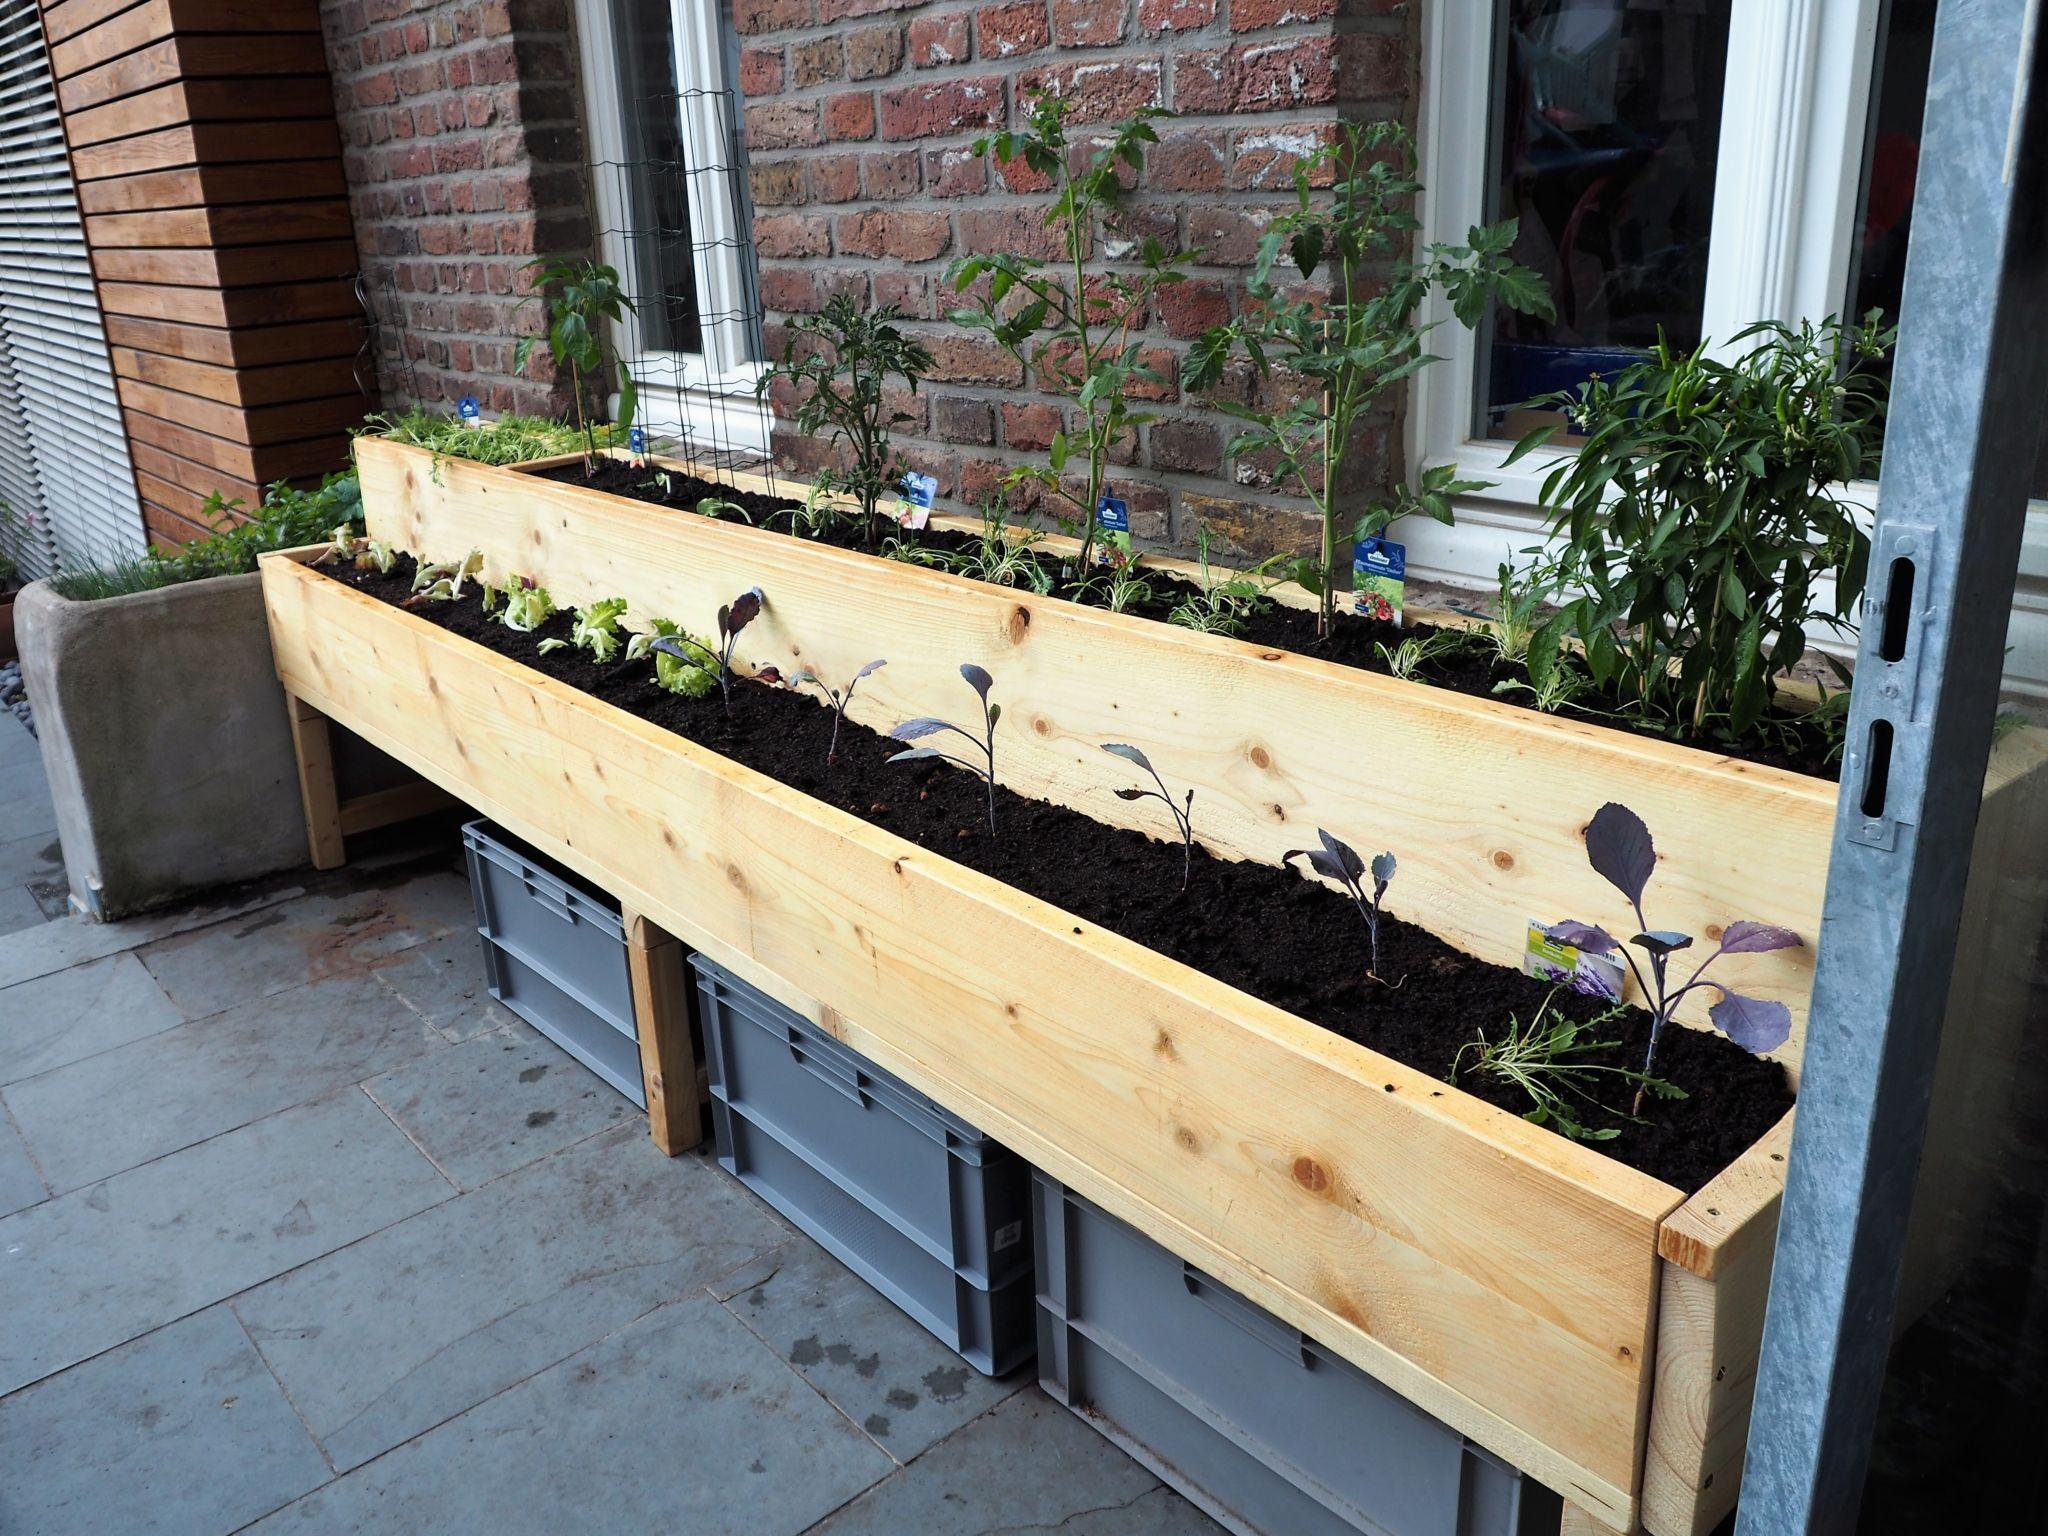 Urban Gardening Hochbeet Selber Bauen Eine Bauanleitung Hochbeet Hochbeet Selber Bauen Und Hochbeet Bauanleitung